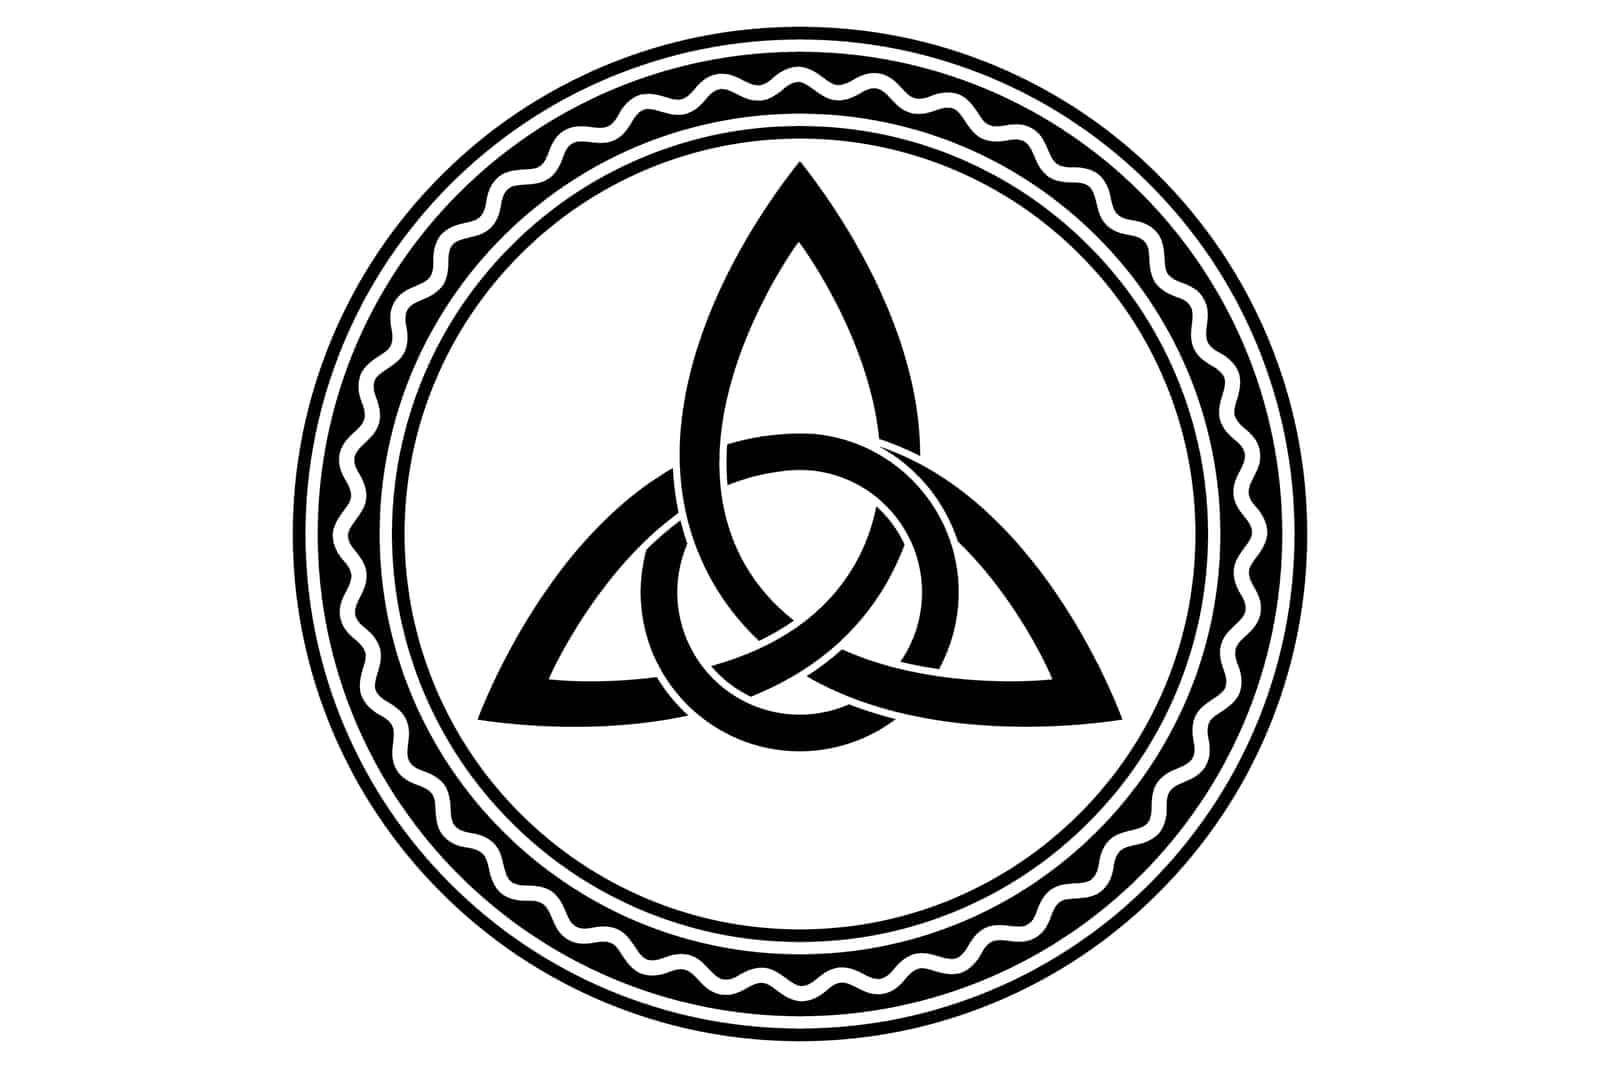 Le nœud celtique